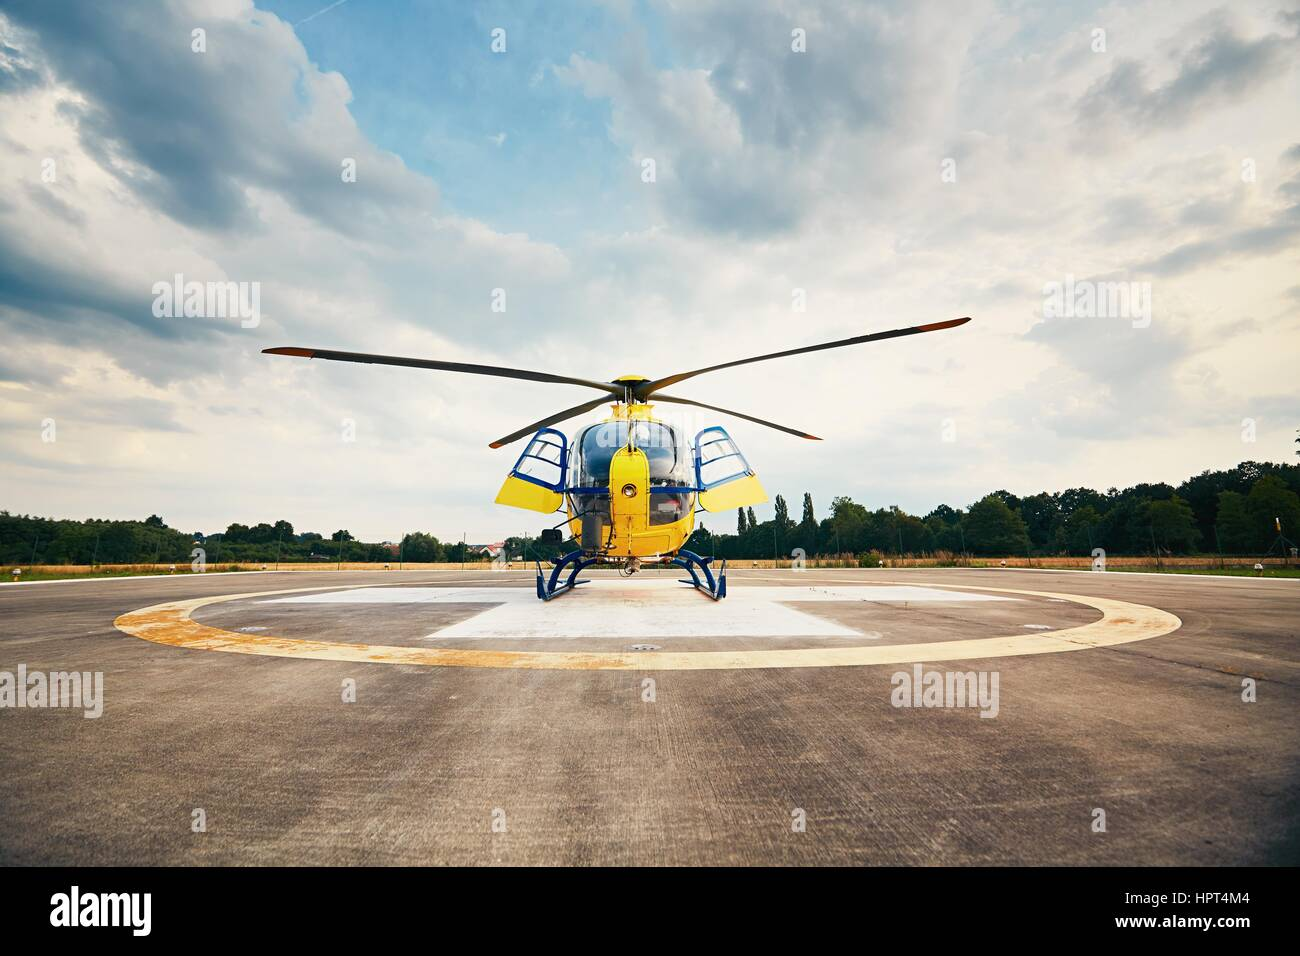 Air Rescue service. Air Ambulance hélicoptère est prêt à décoller à l'héliport. Banque D'Images